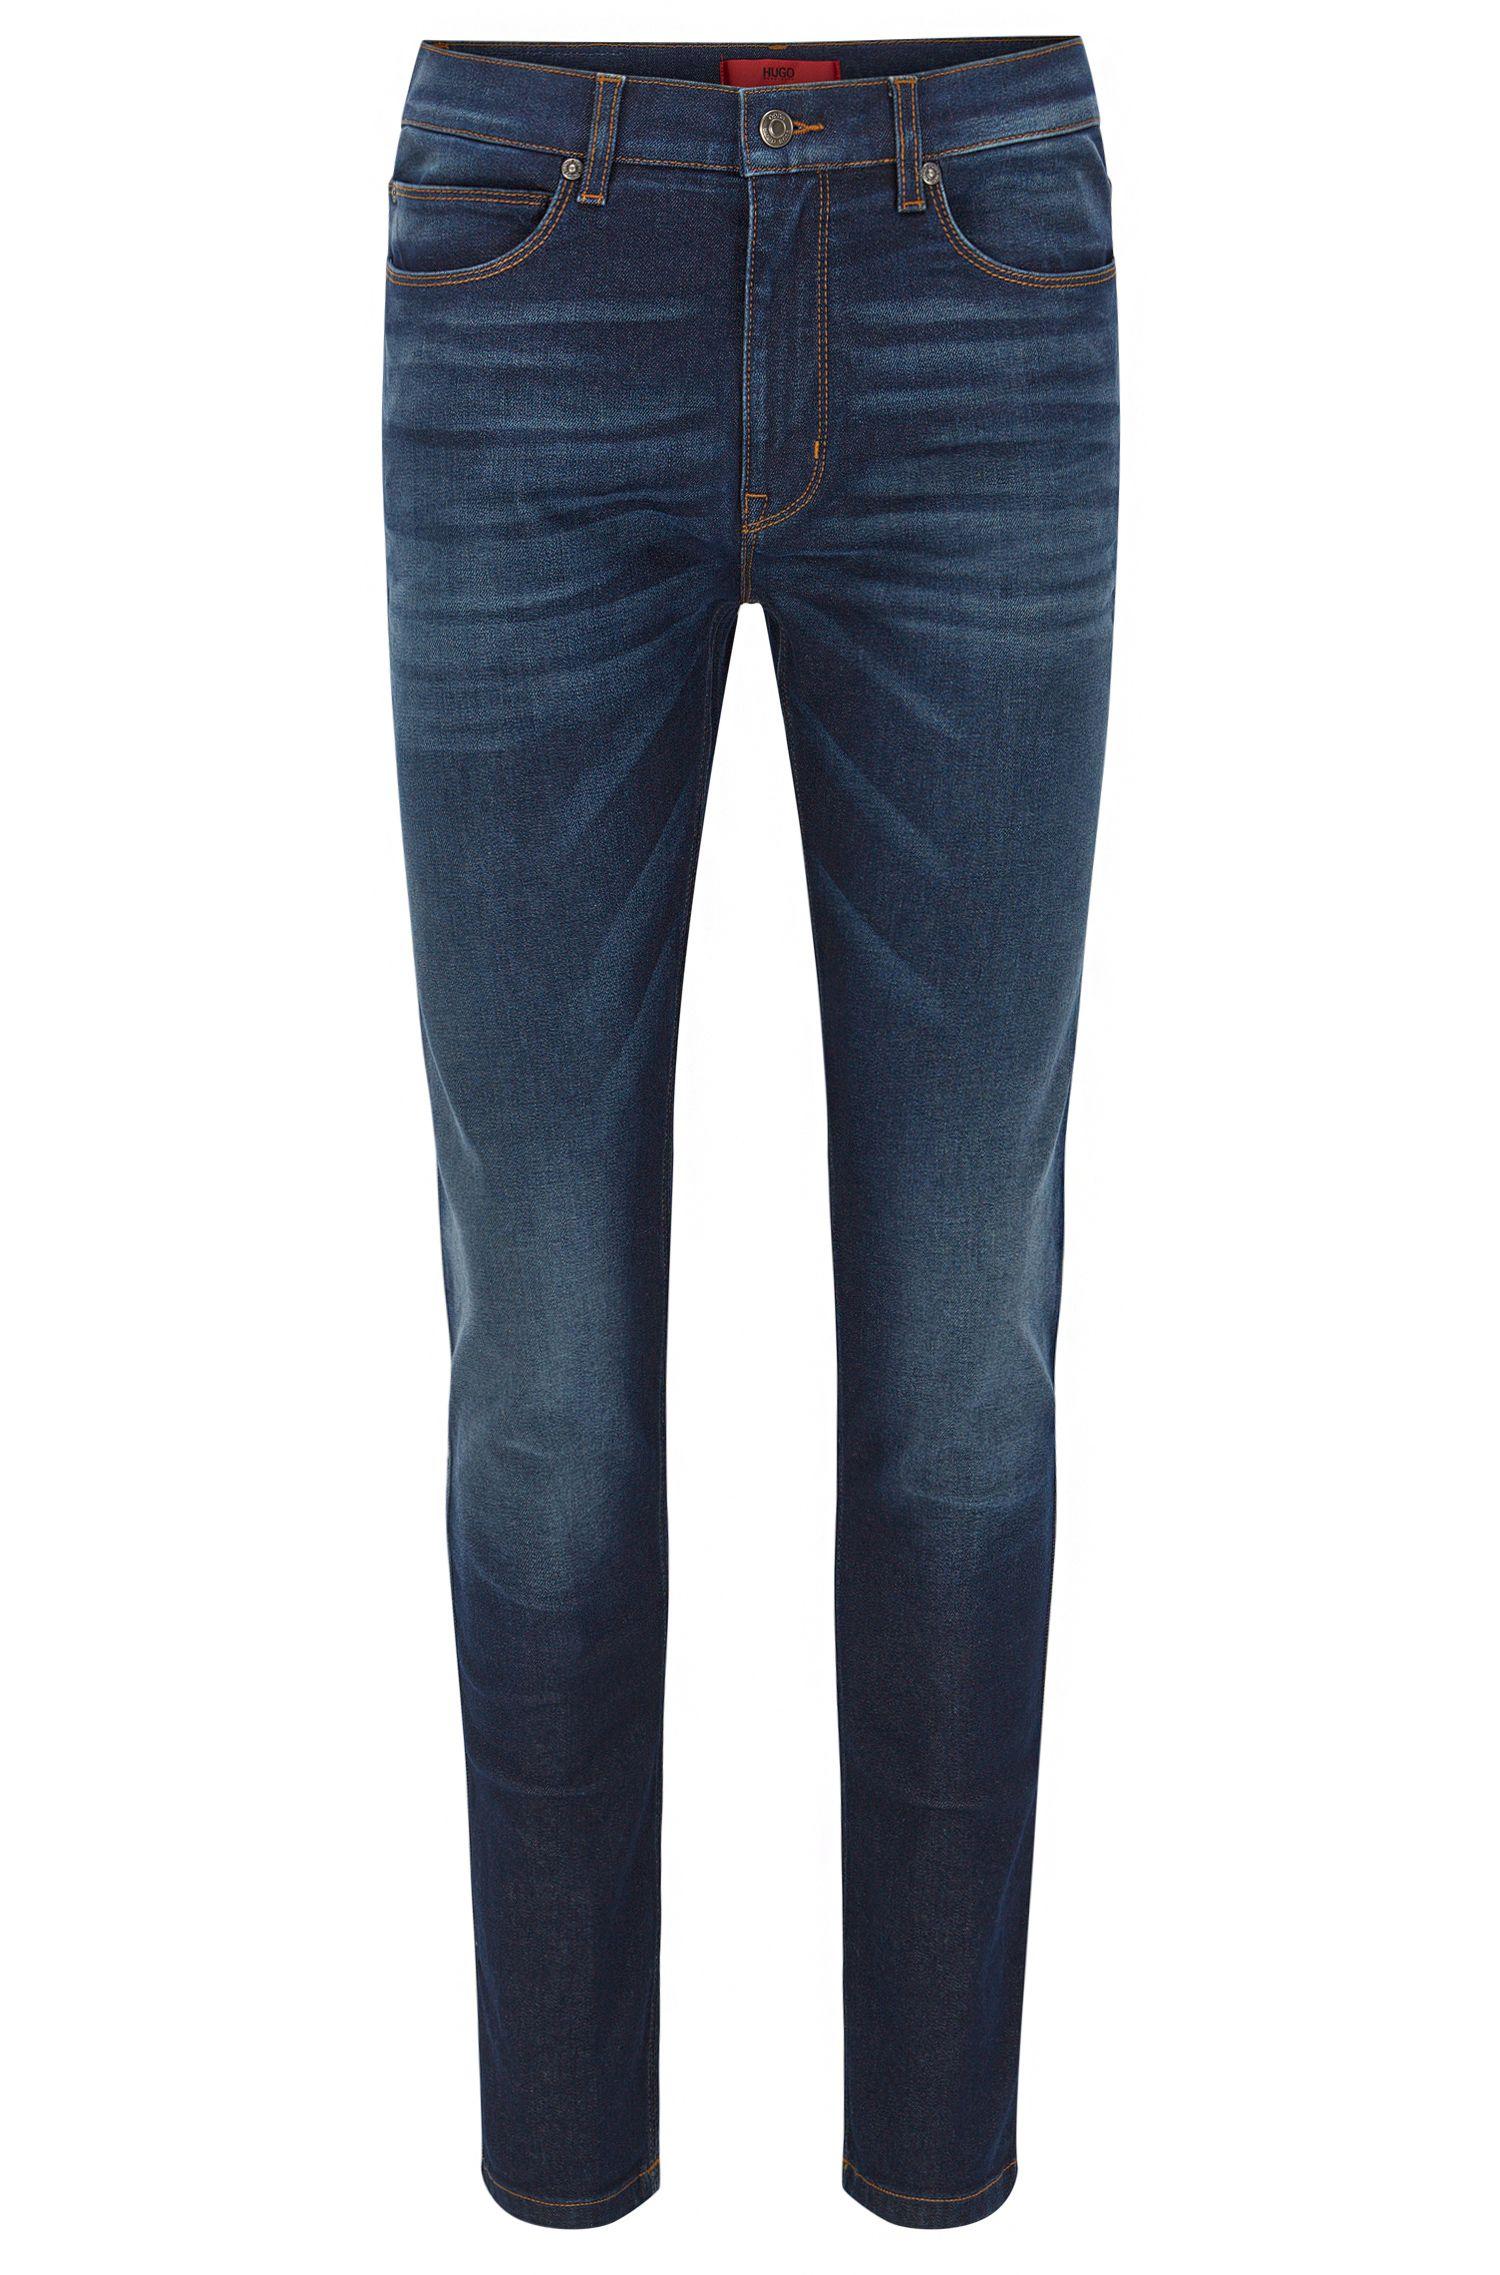 Skinny-Fit Jeans aus elastischem Stone-washed-Denim